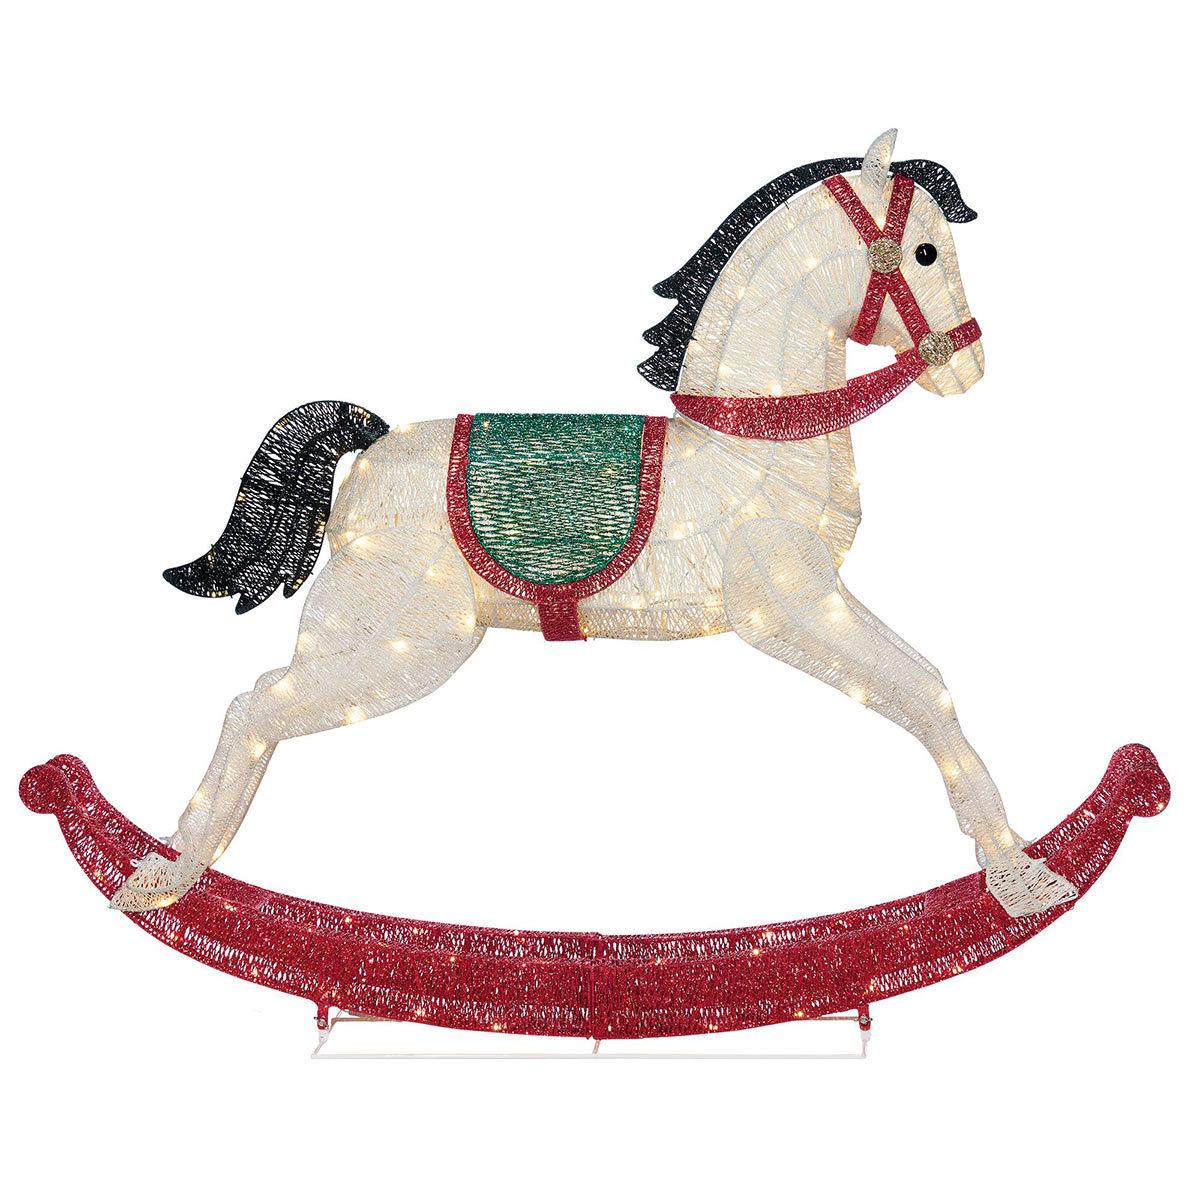 4ft 8 1 4m Christmas Led Rocking Horse With 180 Led Lights Costco Uk